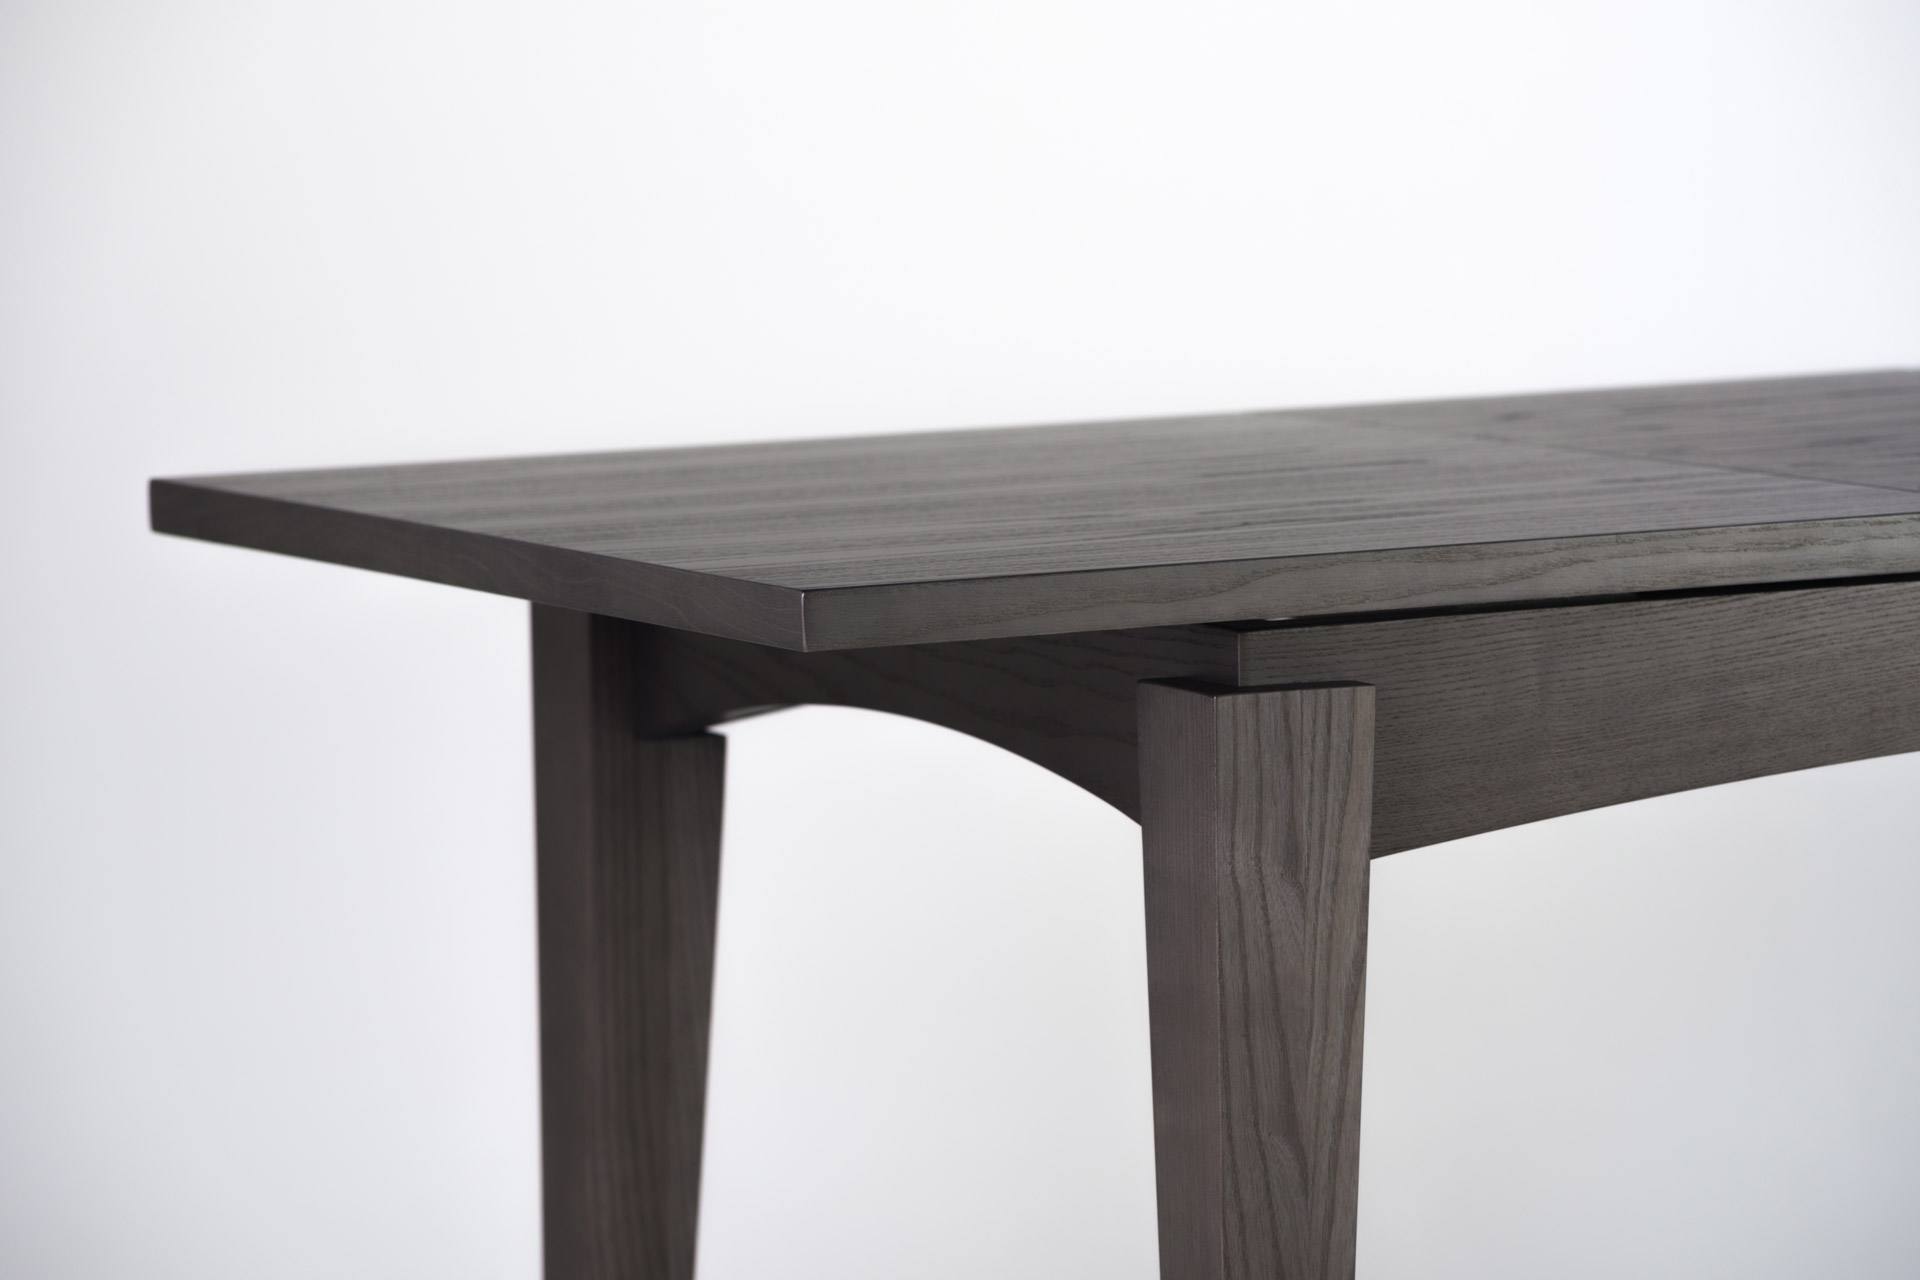 Столешница кухонного стола Бруклин, с квадратными ножками черного цвета